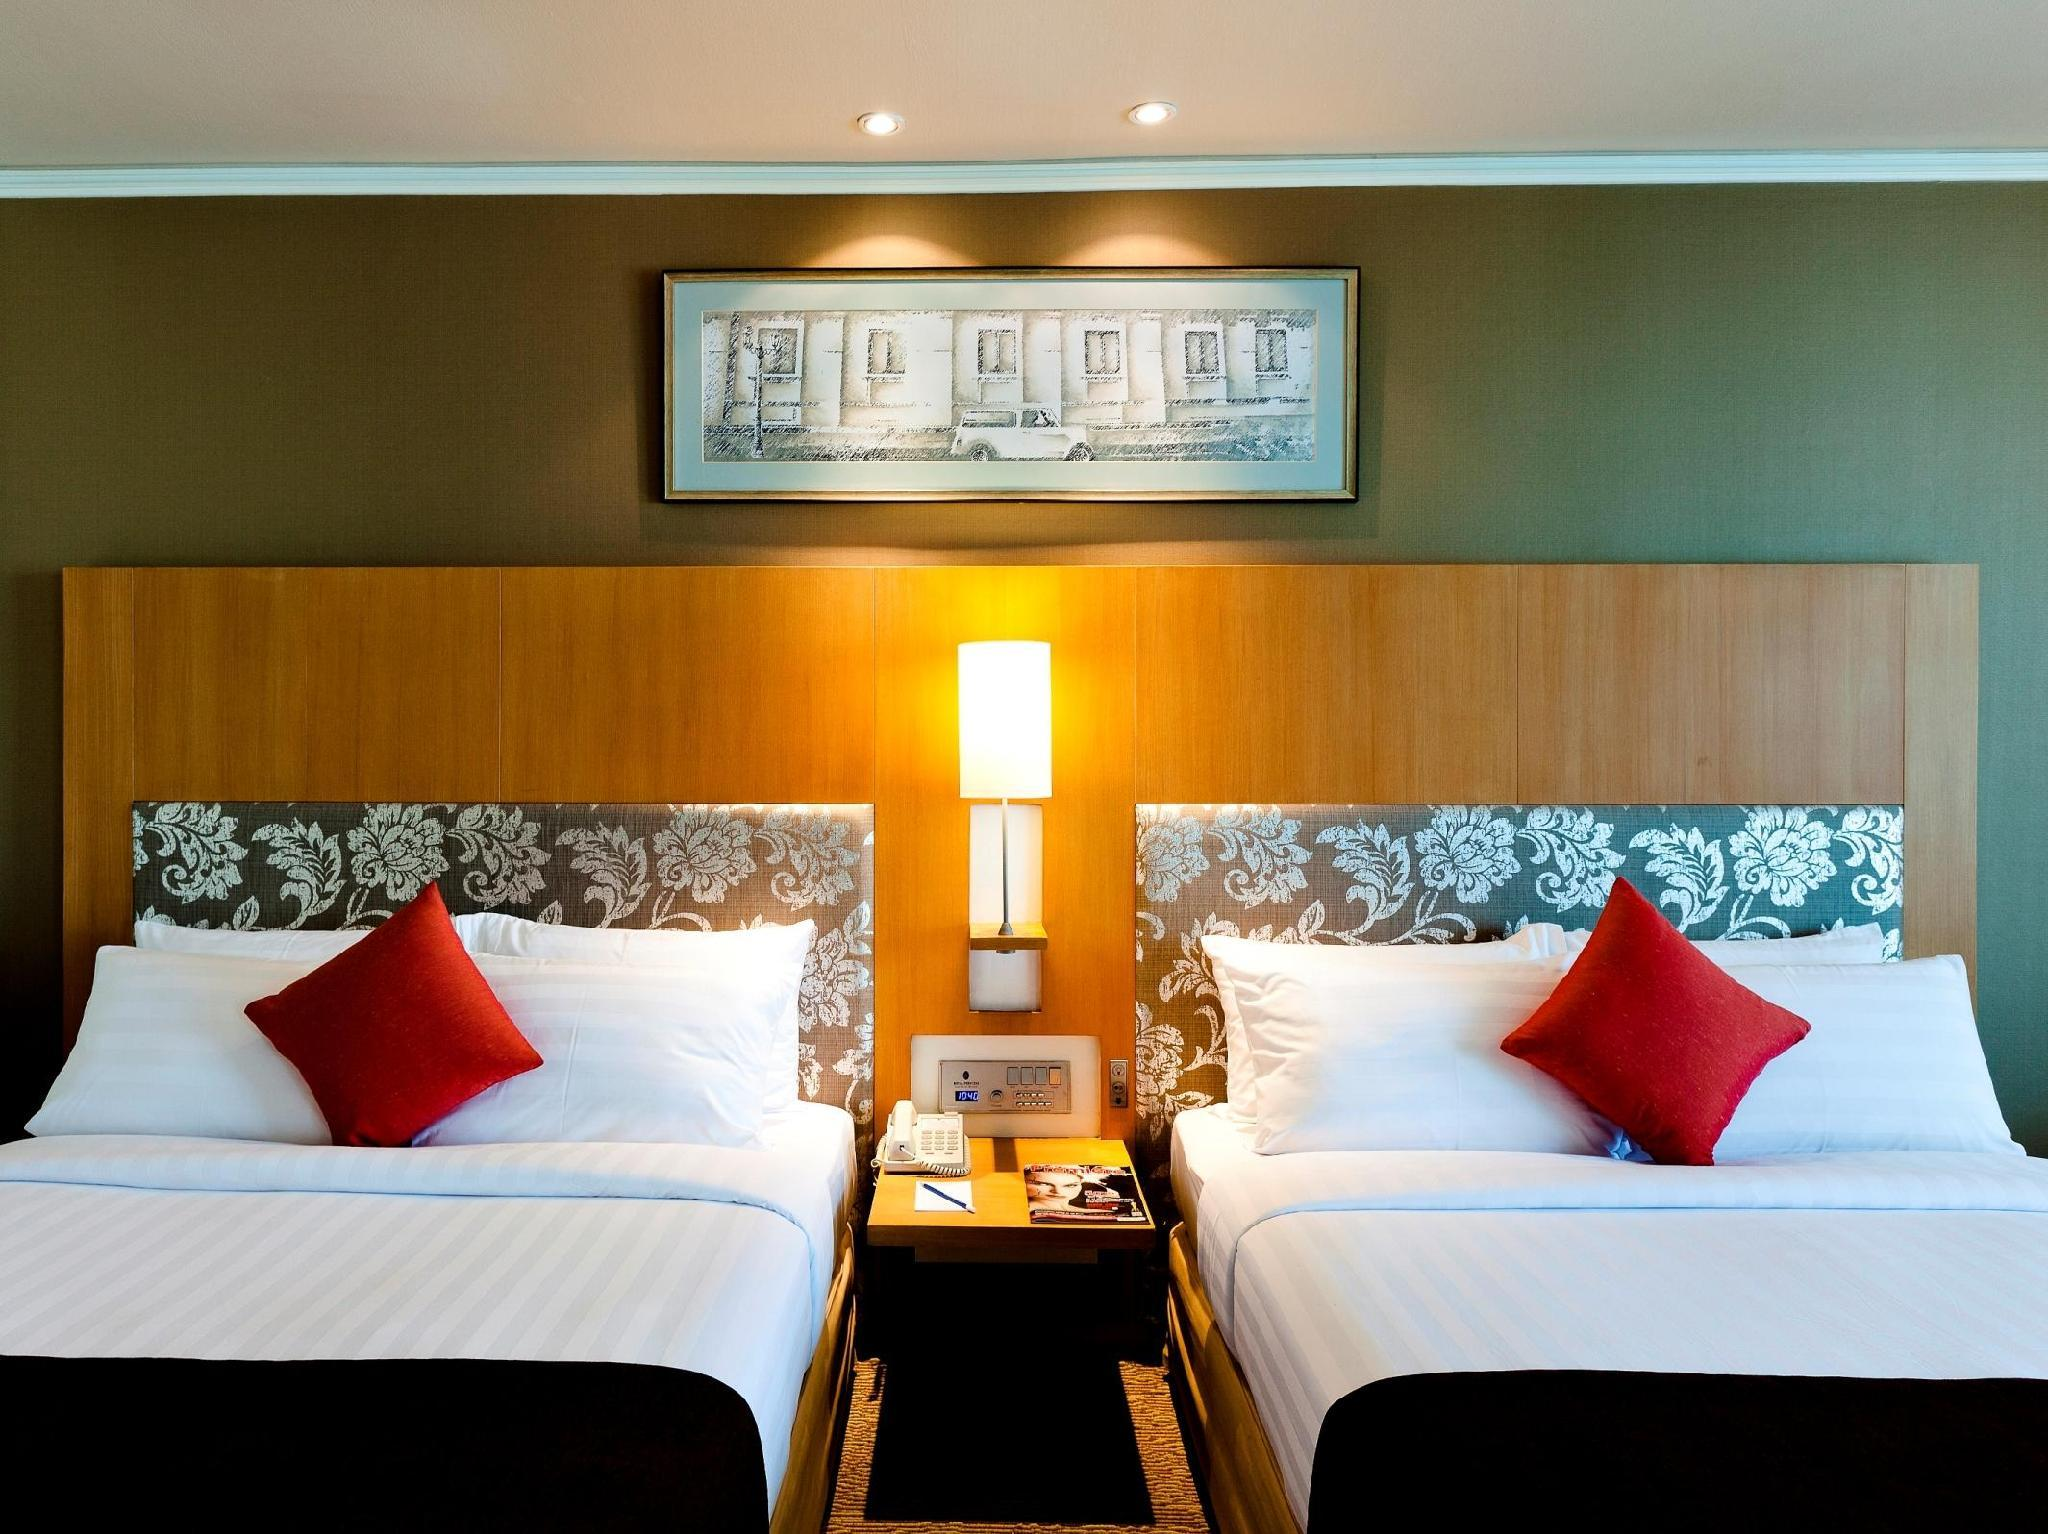 Best Price on Royal Princess Larn Luang Hotel in Bangkok + Reviews